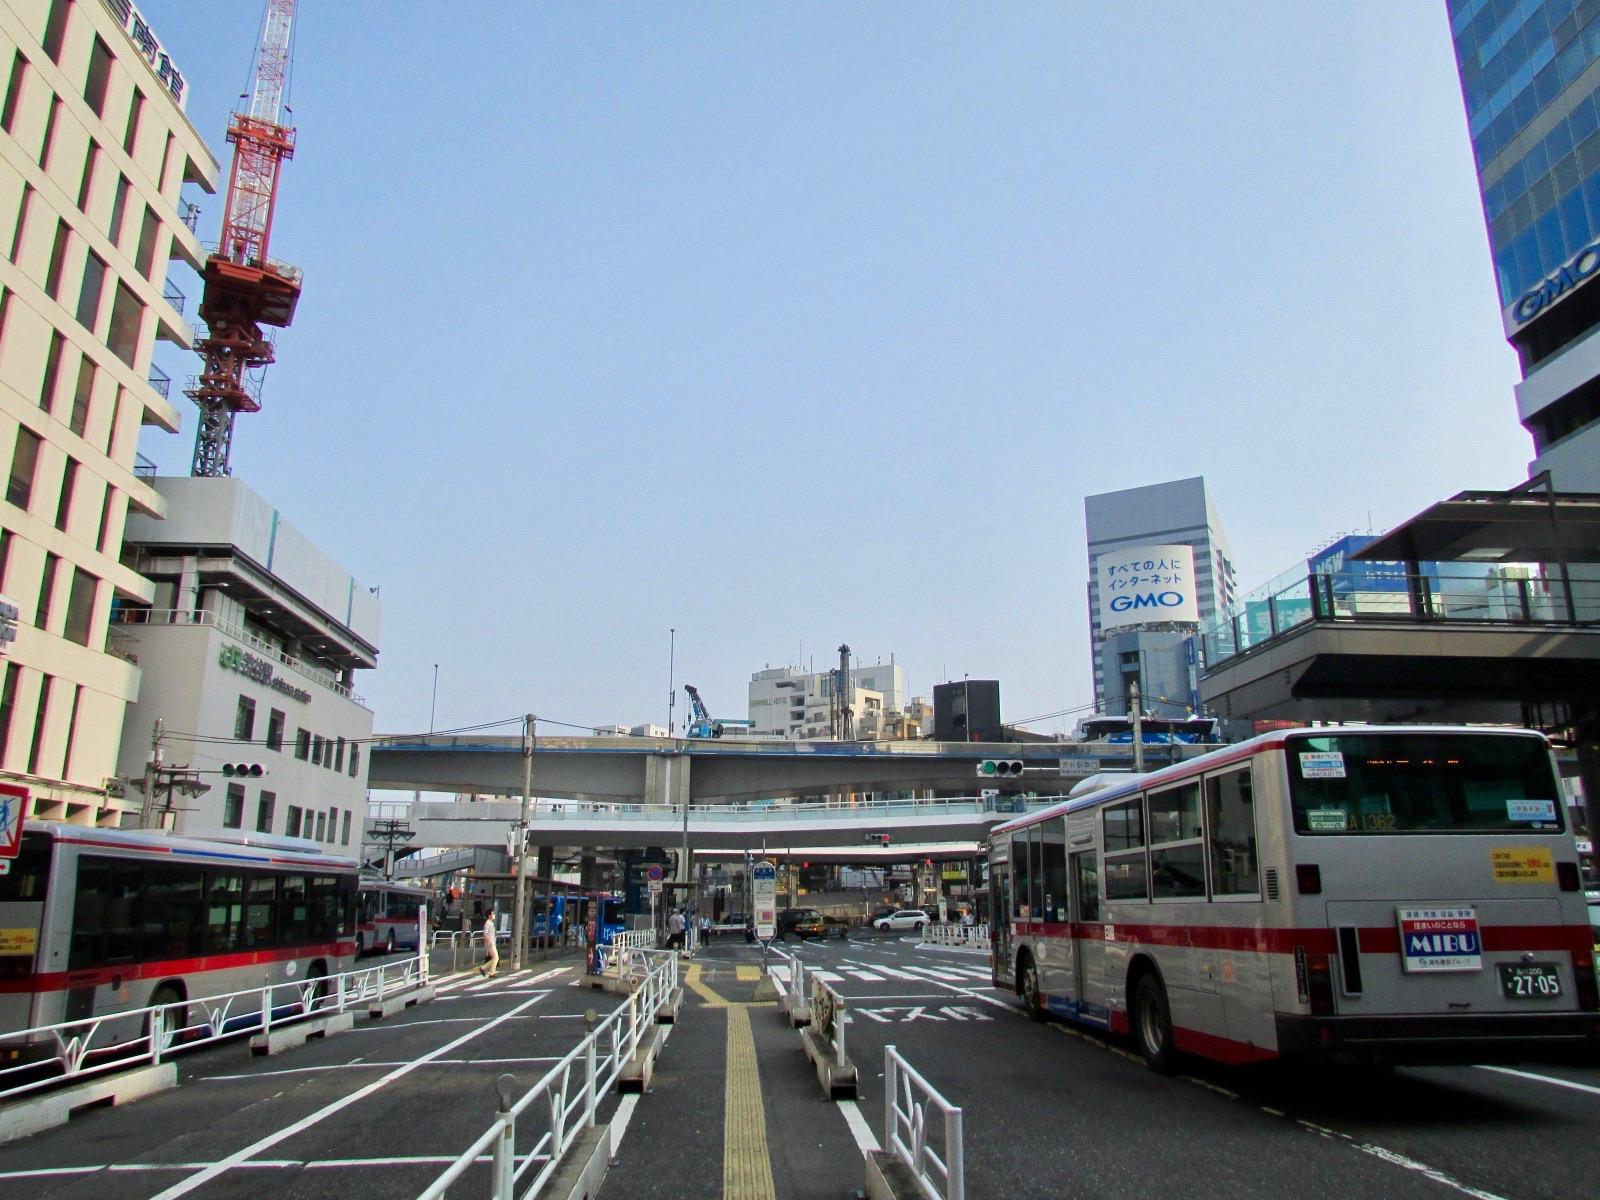 f:id:hiro-jp:20200808160537j:plain